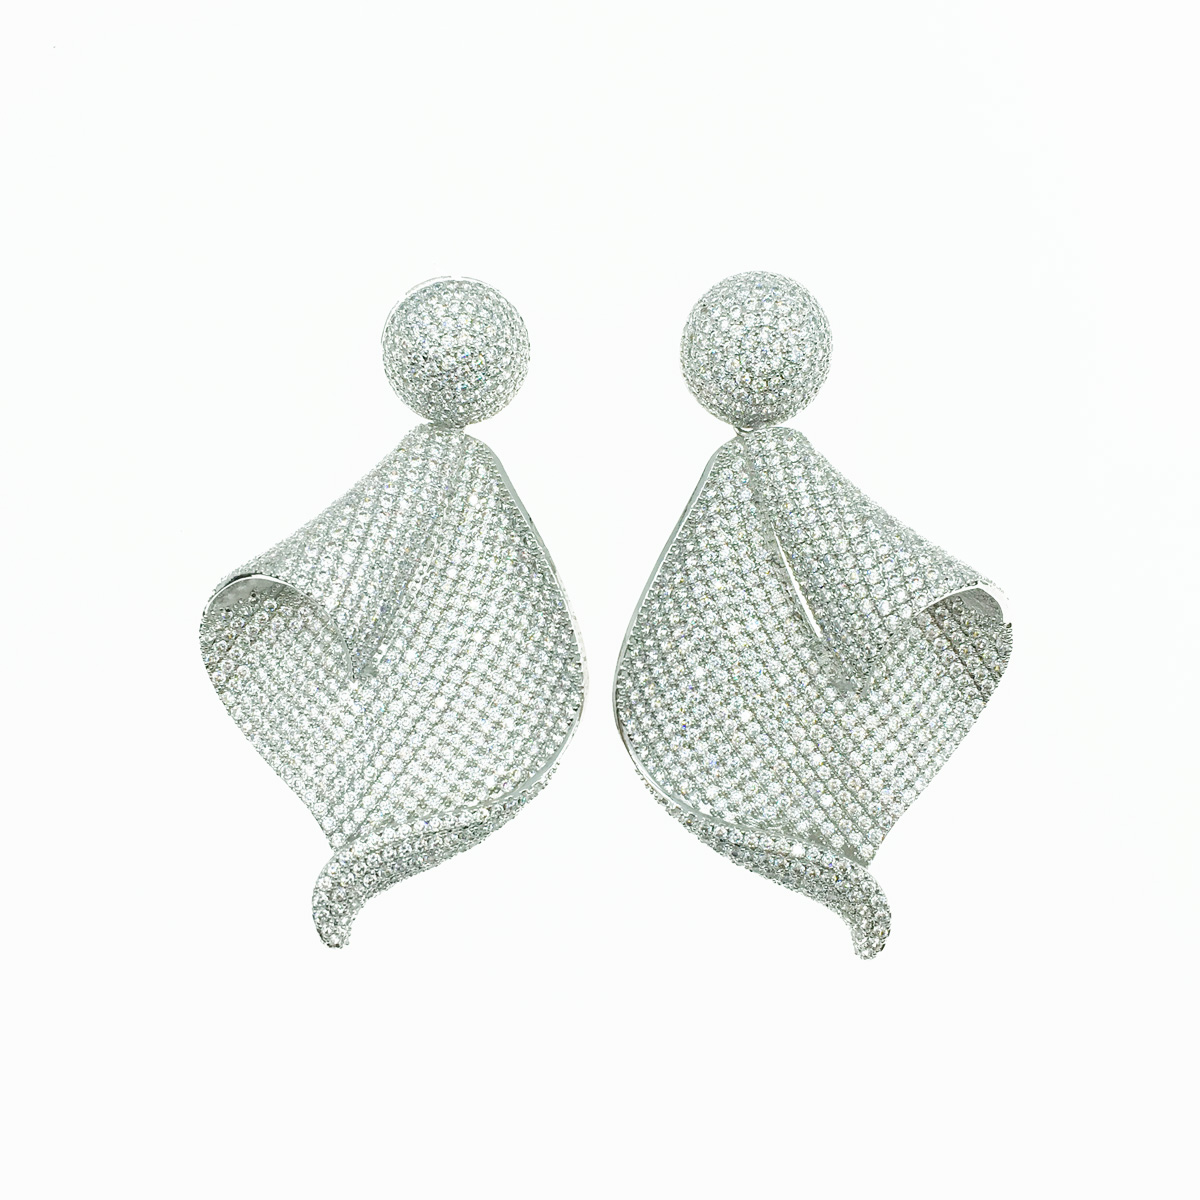 摺痕曲線 水鑽 華麗 耳針式耳環 採用施華洛世奇水晶元素 Crystals from Swarovski